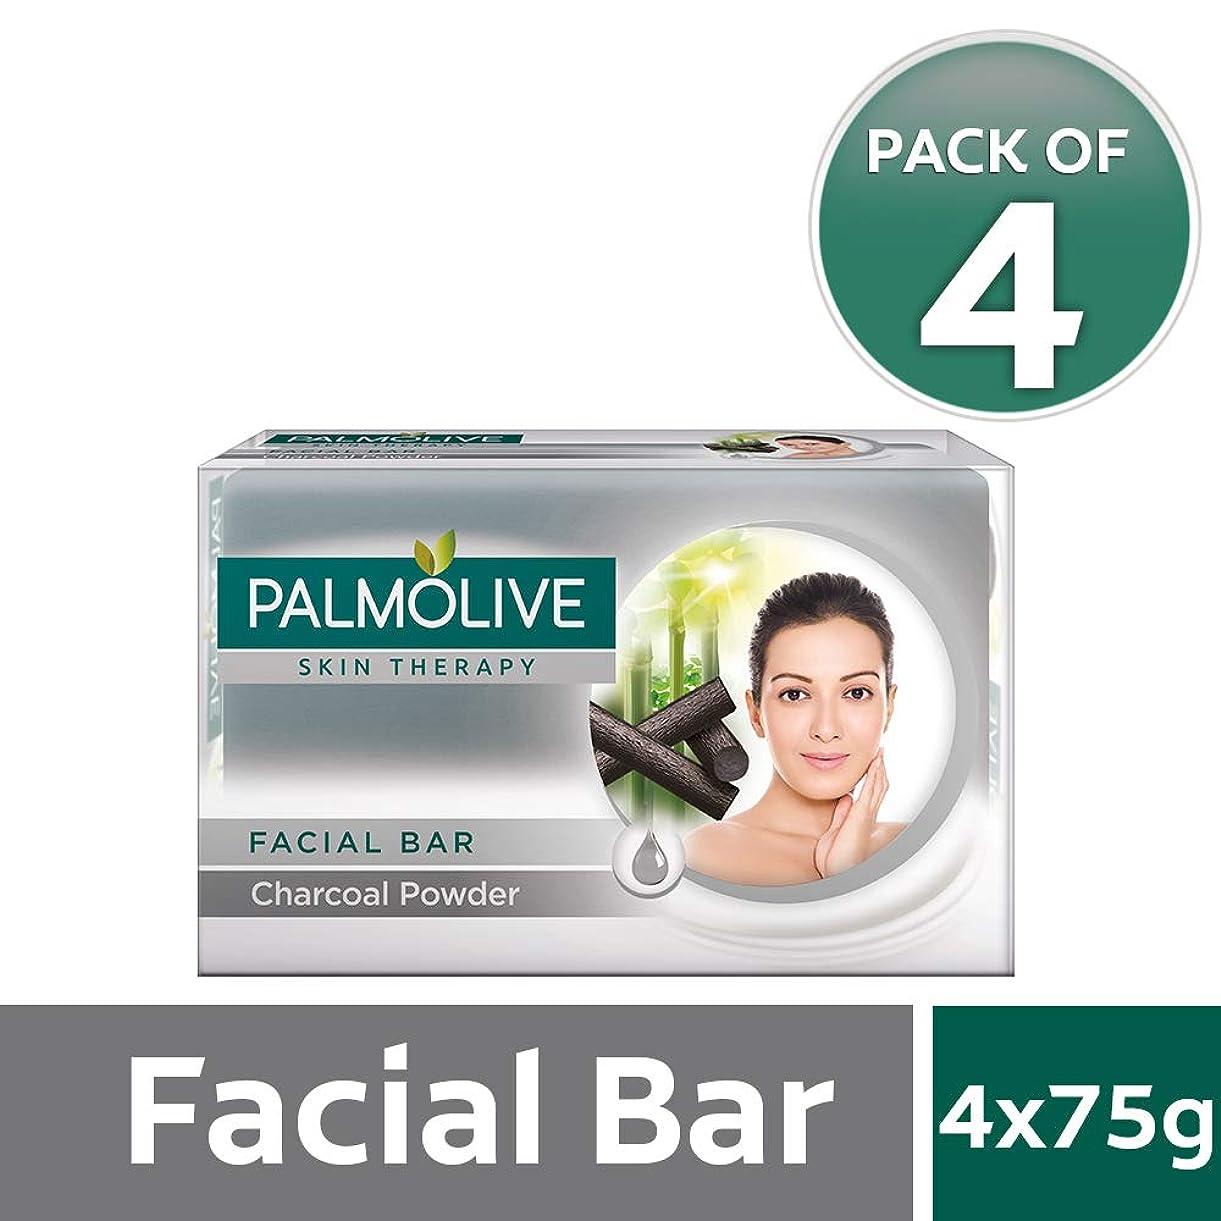 バンド感じ文明Palmolive Skin Therapy Facial Bar Soap with Charcoal Powder - 75g (Pack of 4)